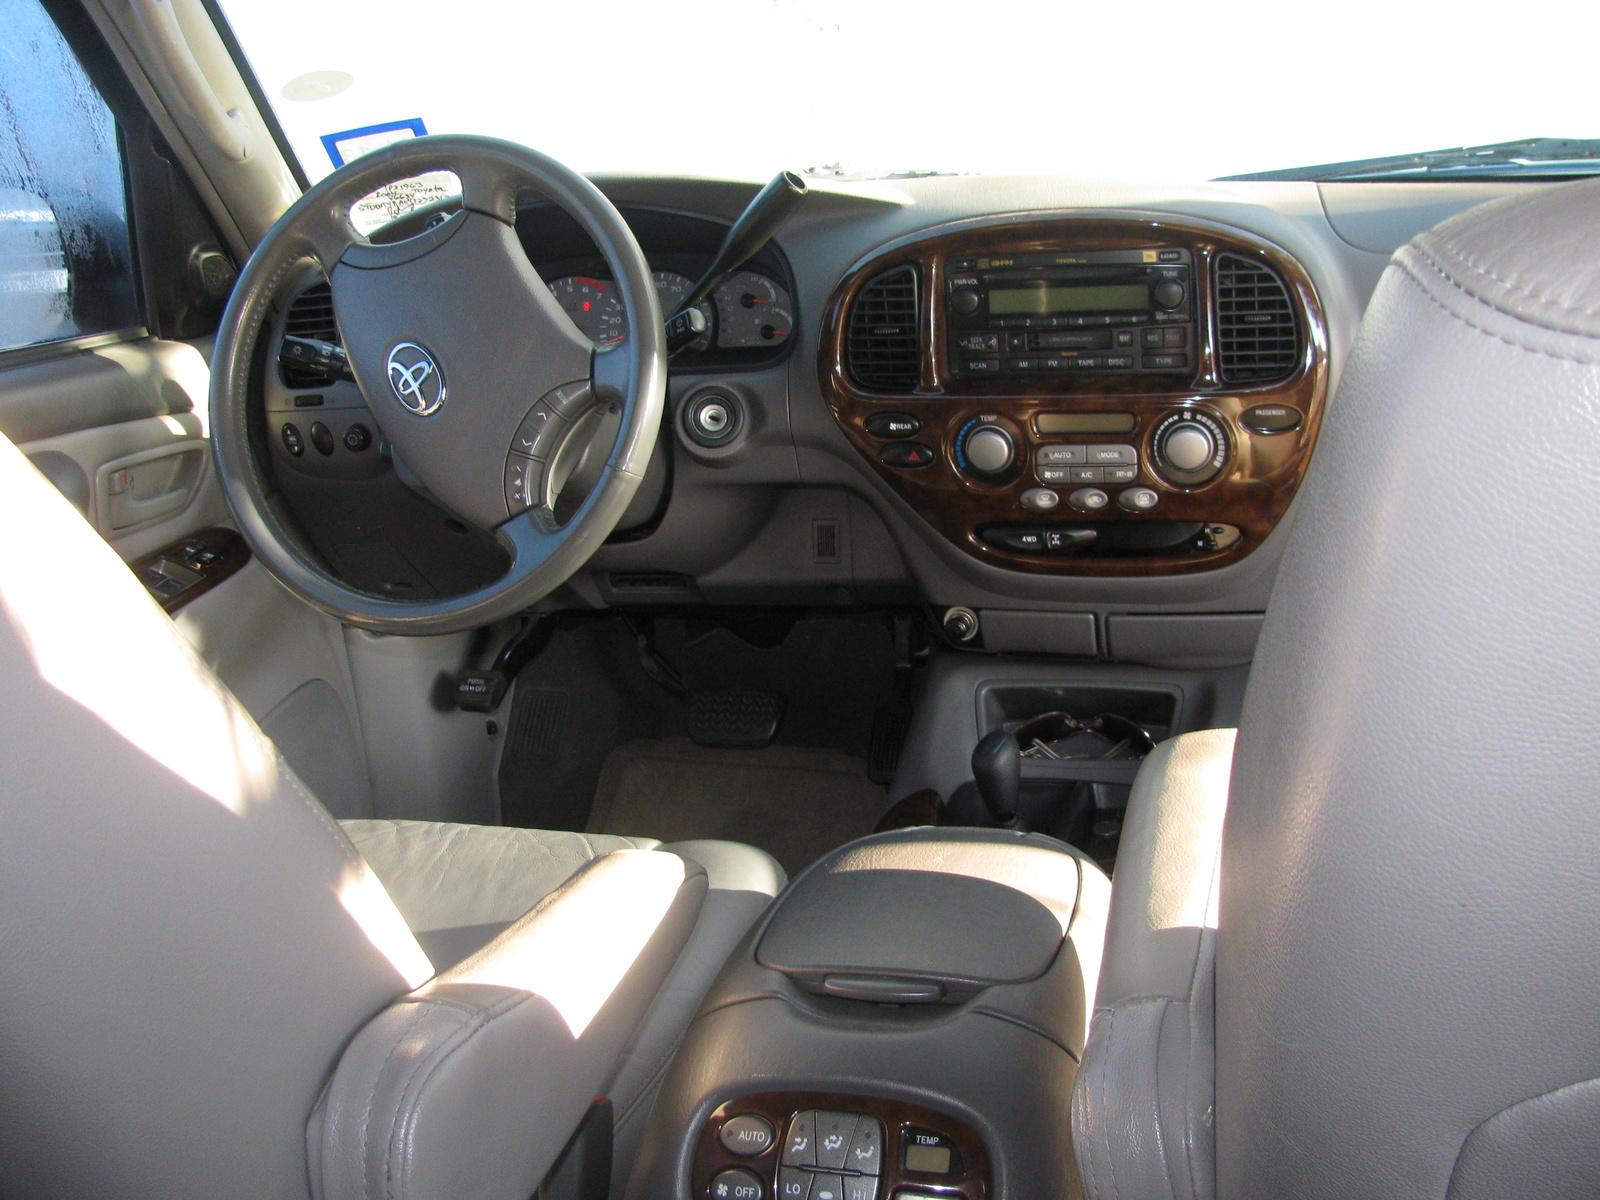 2004 Toyota Sequoia Interior Pictures Cargurus